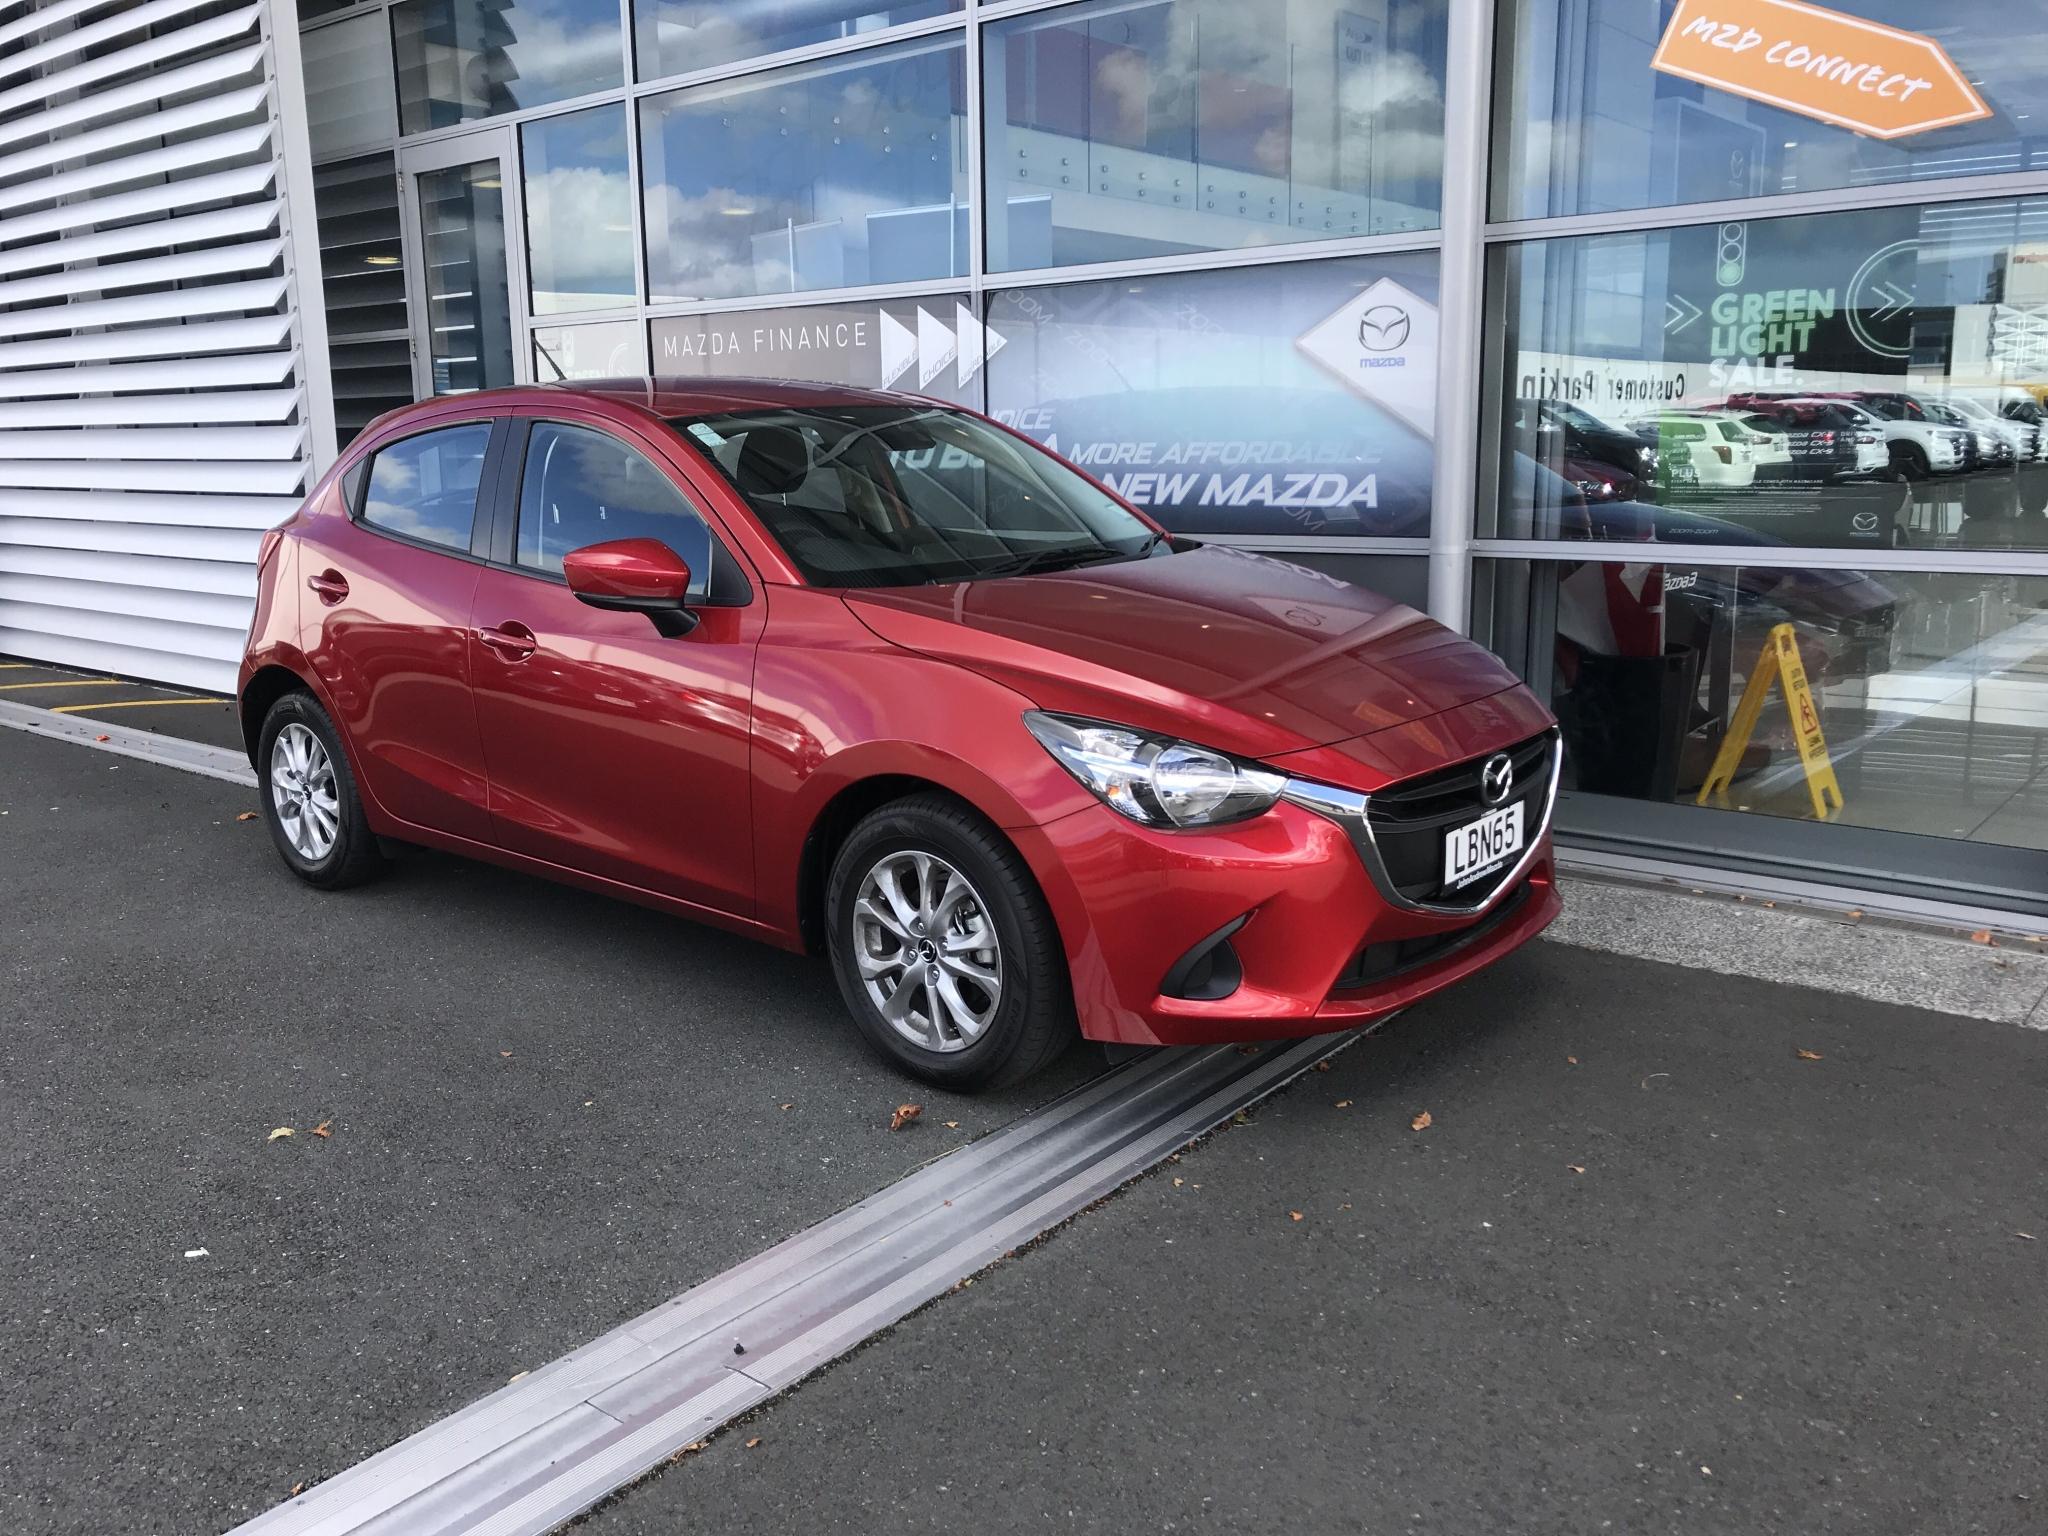 Captivating Mazda Used Car Finance Rates Best Image Cars